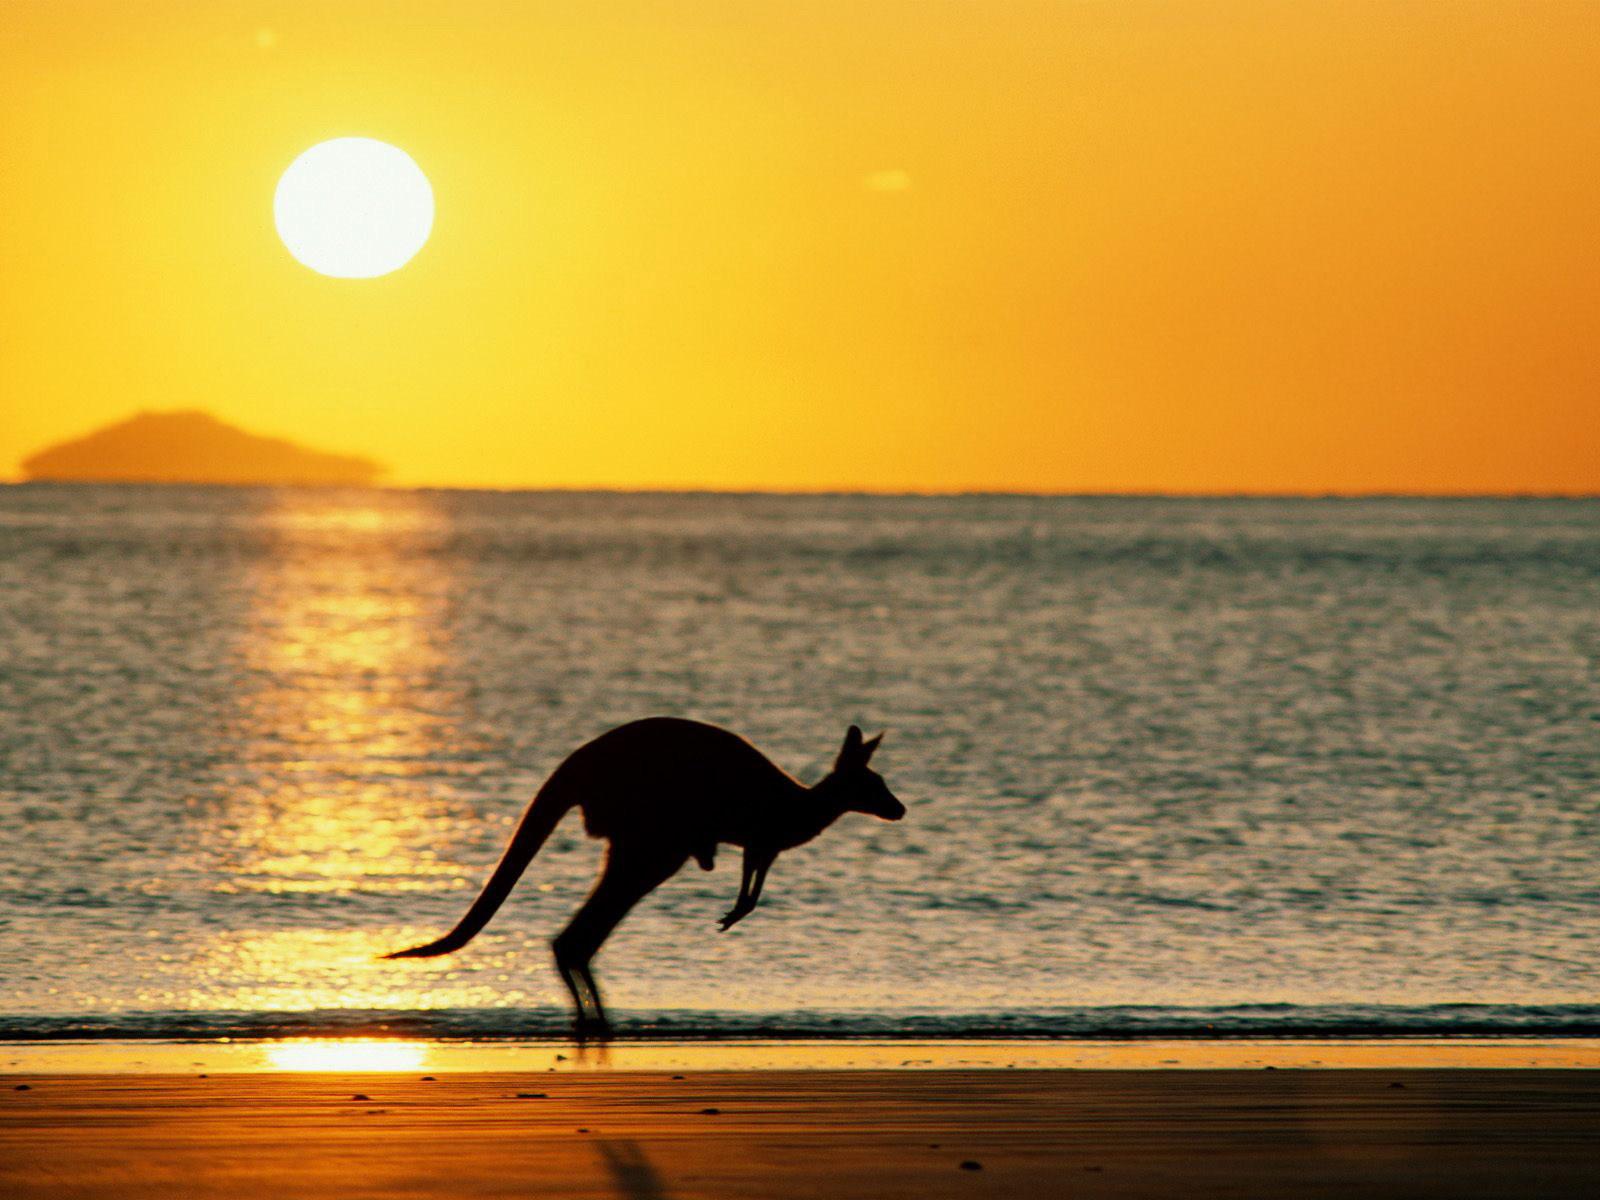 Kangaroo Desktop Images